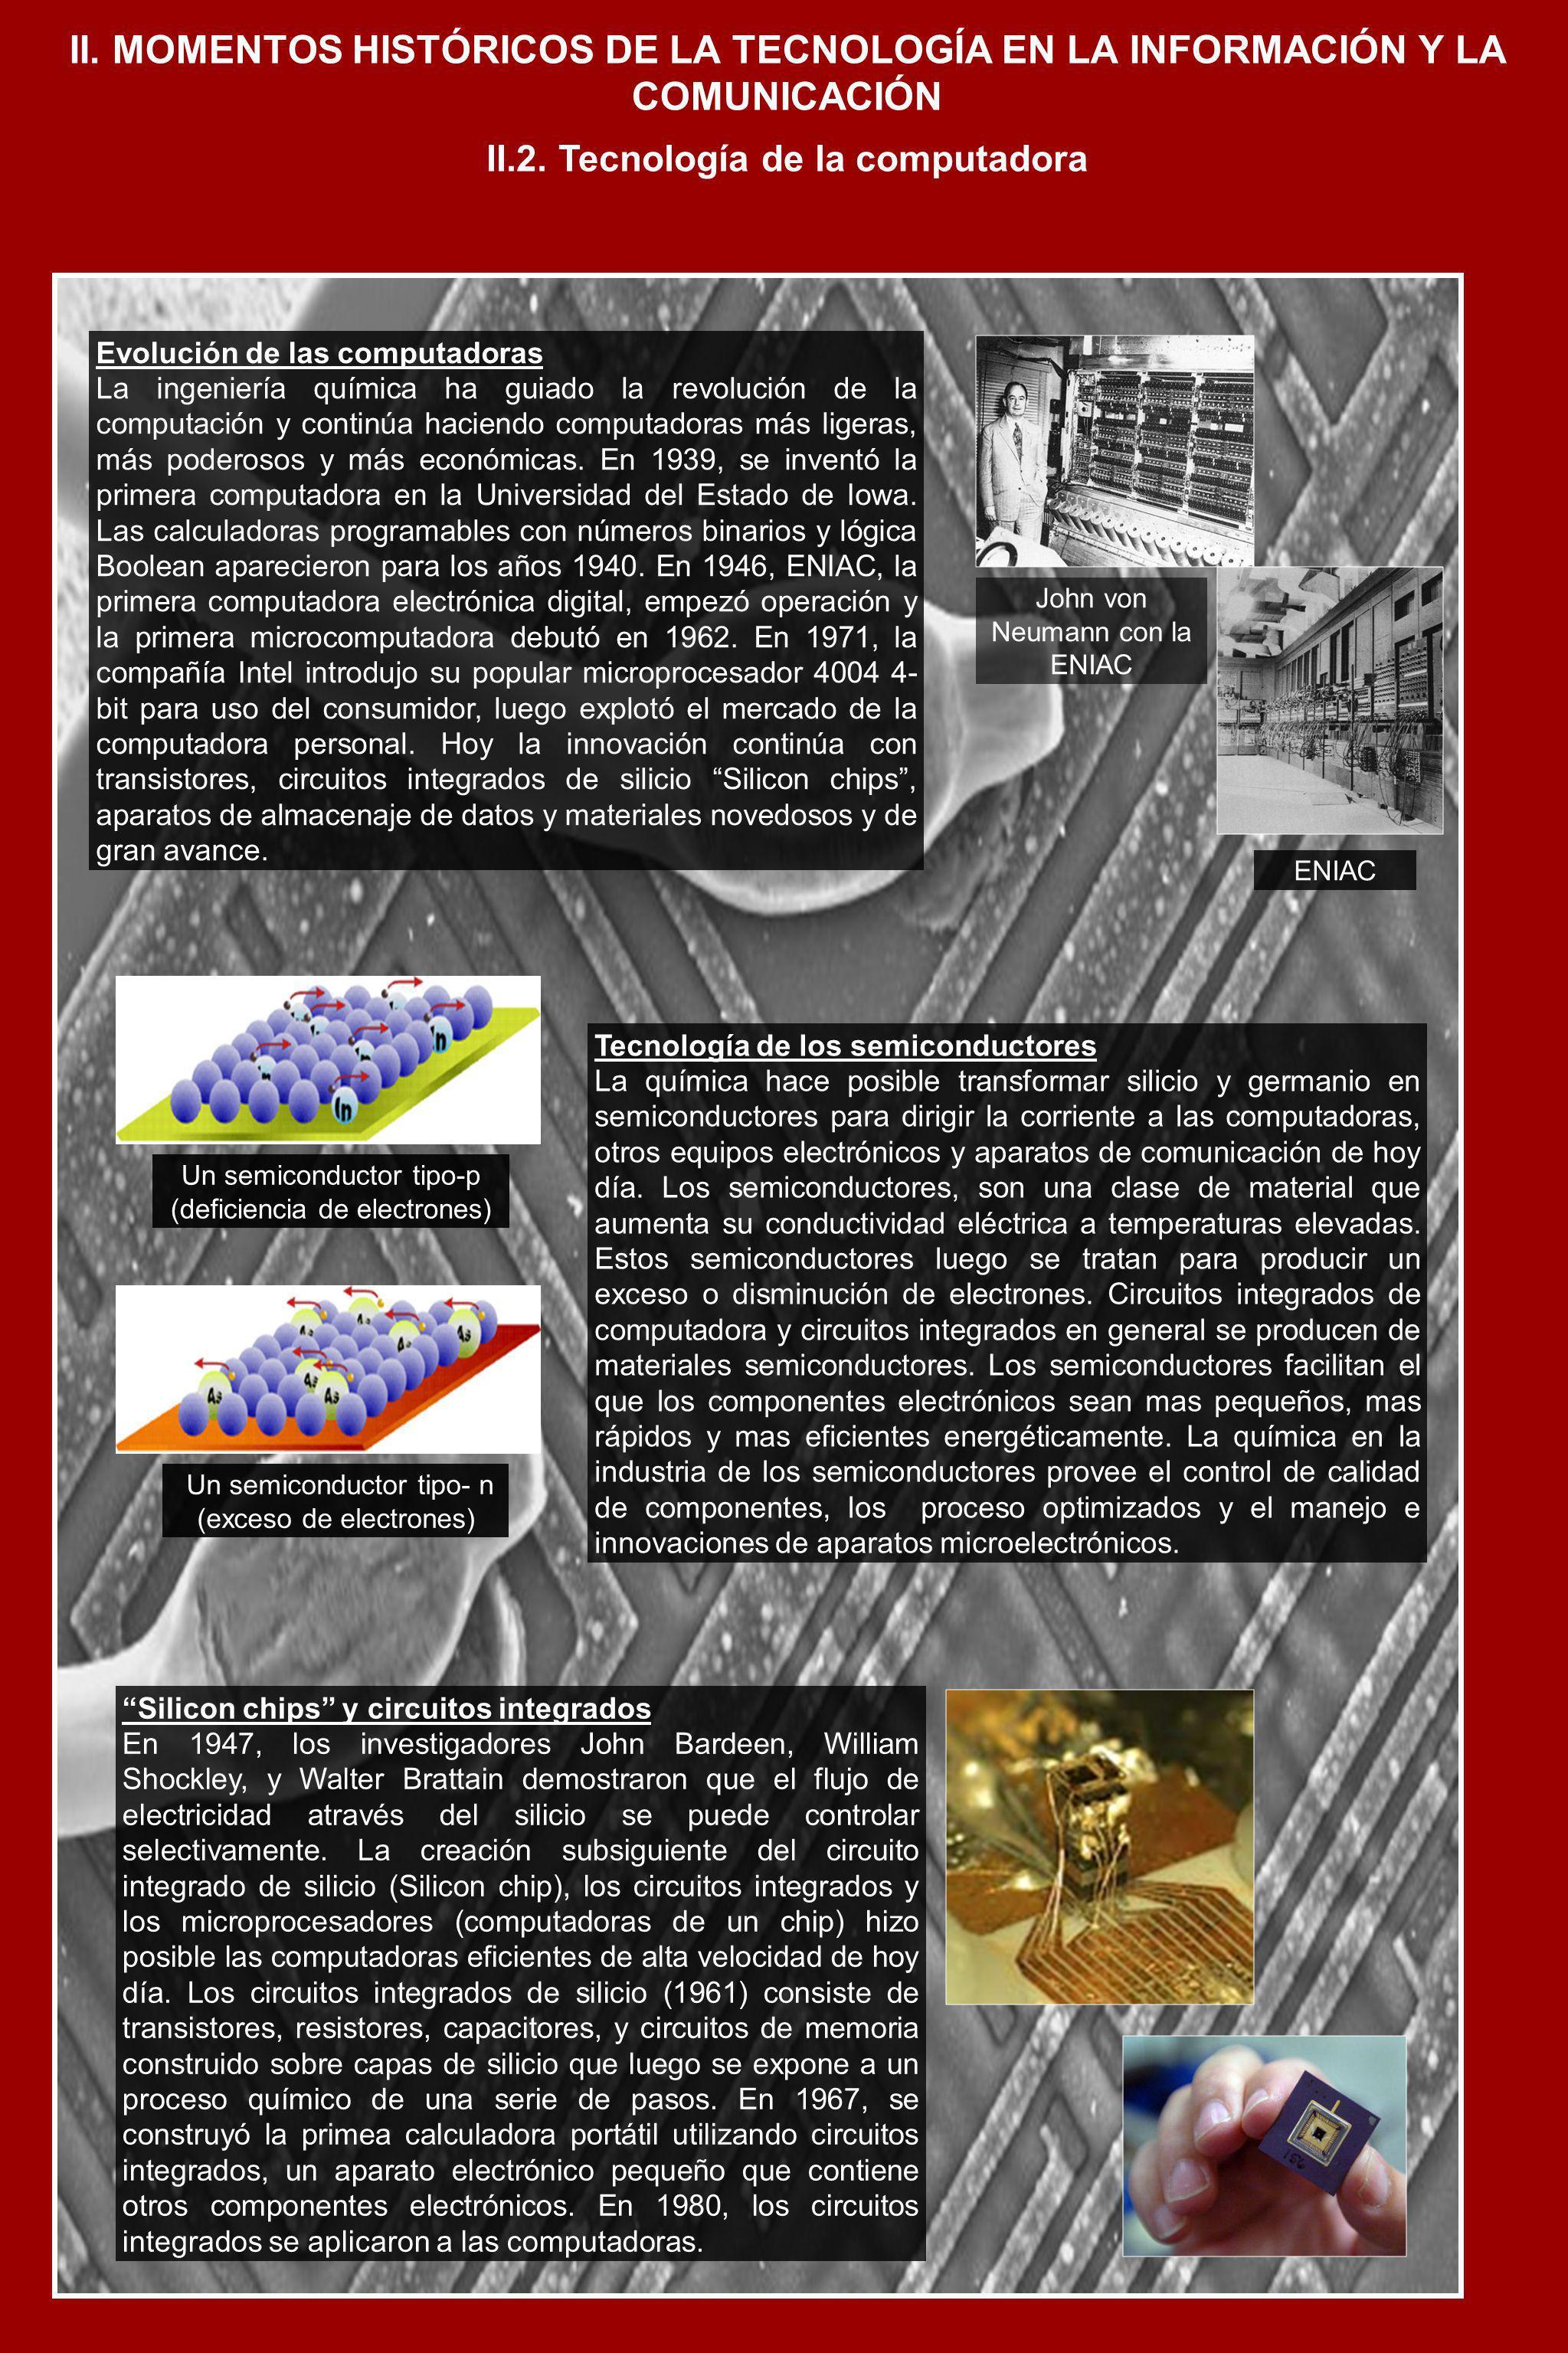 II.MOMENTOS HISTÓRICOS DE LA TECNOLOGÍA DE LA INFORMACIÓN Y LA COMUNICACIÓN II.3.